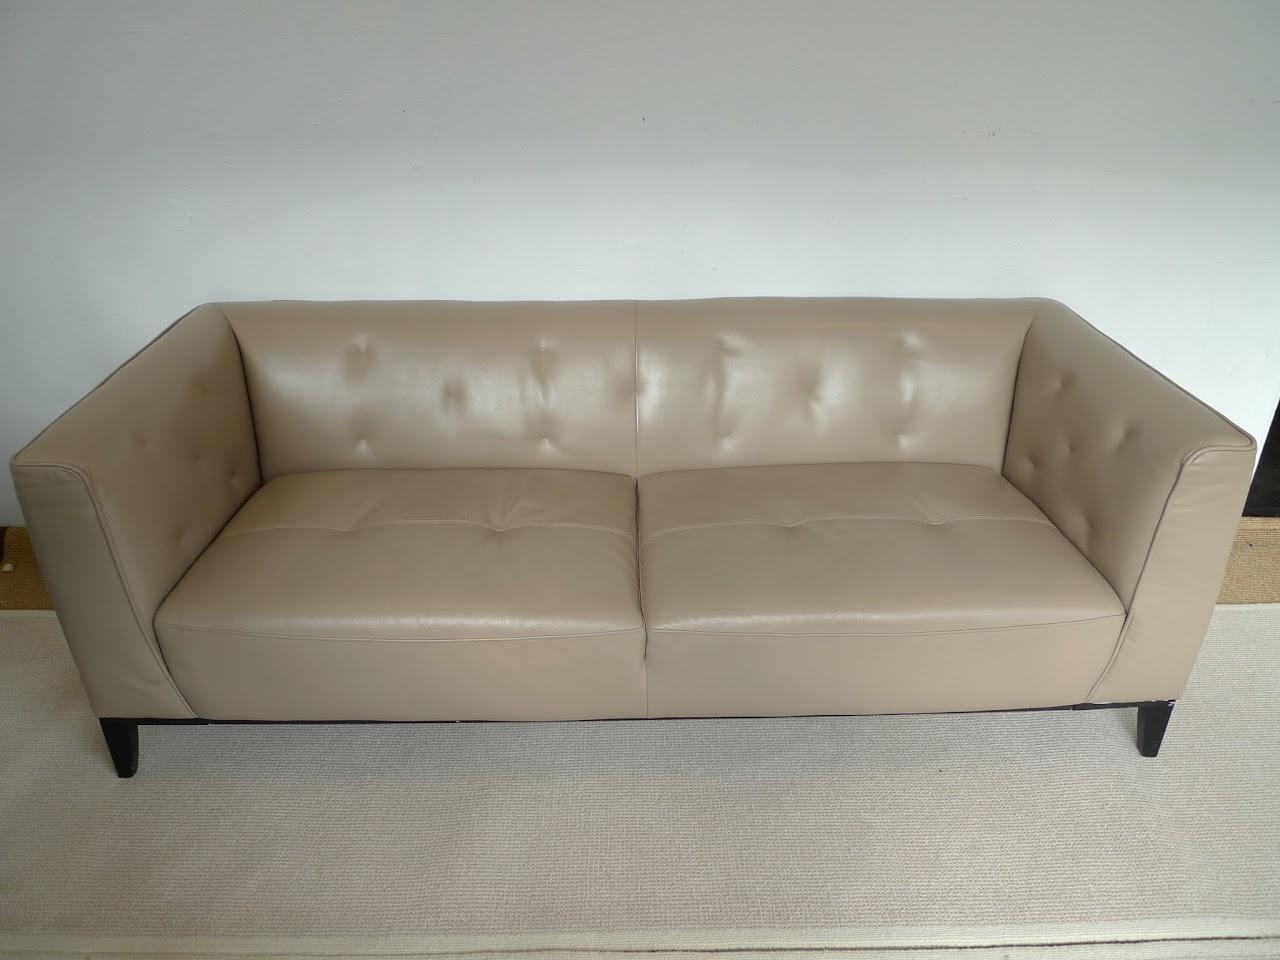 Tufted Tuxedo Sofa